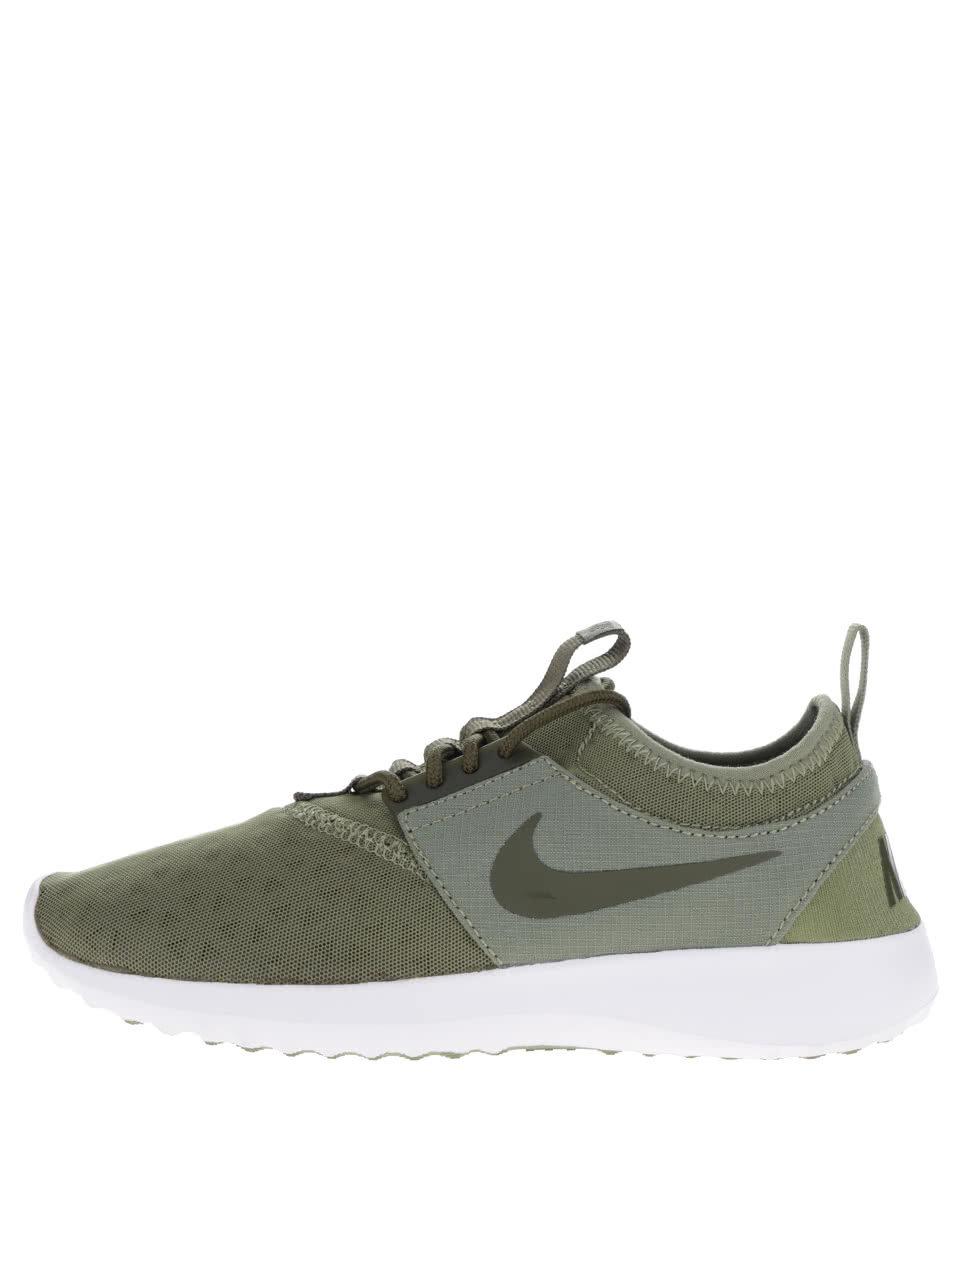 bd7667790087 Zelené dámske tenisky Nike Juvenate ...